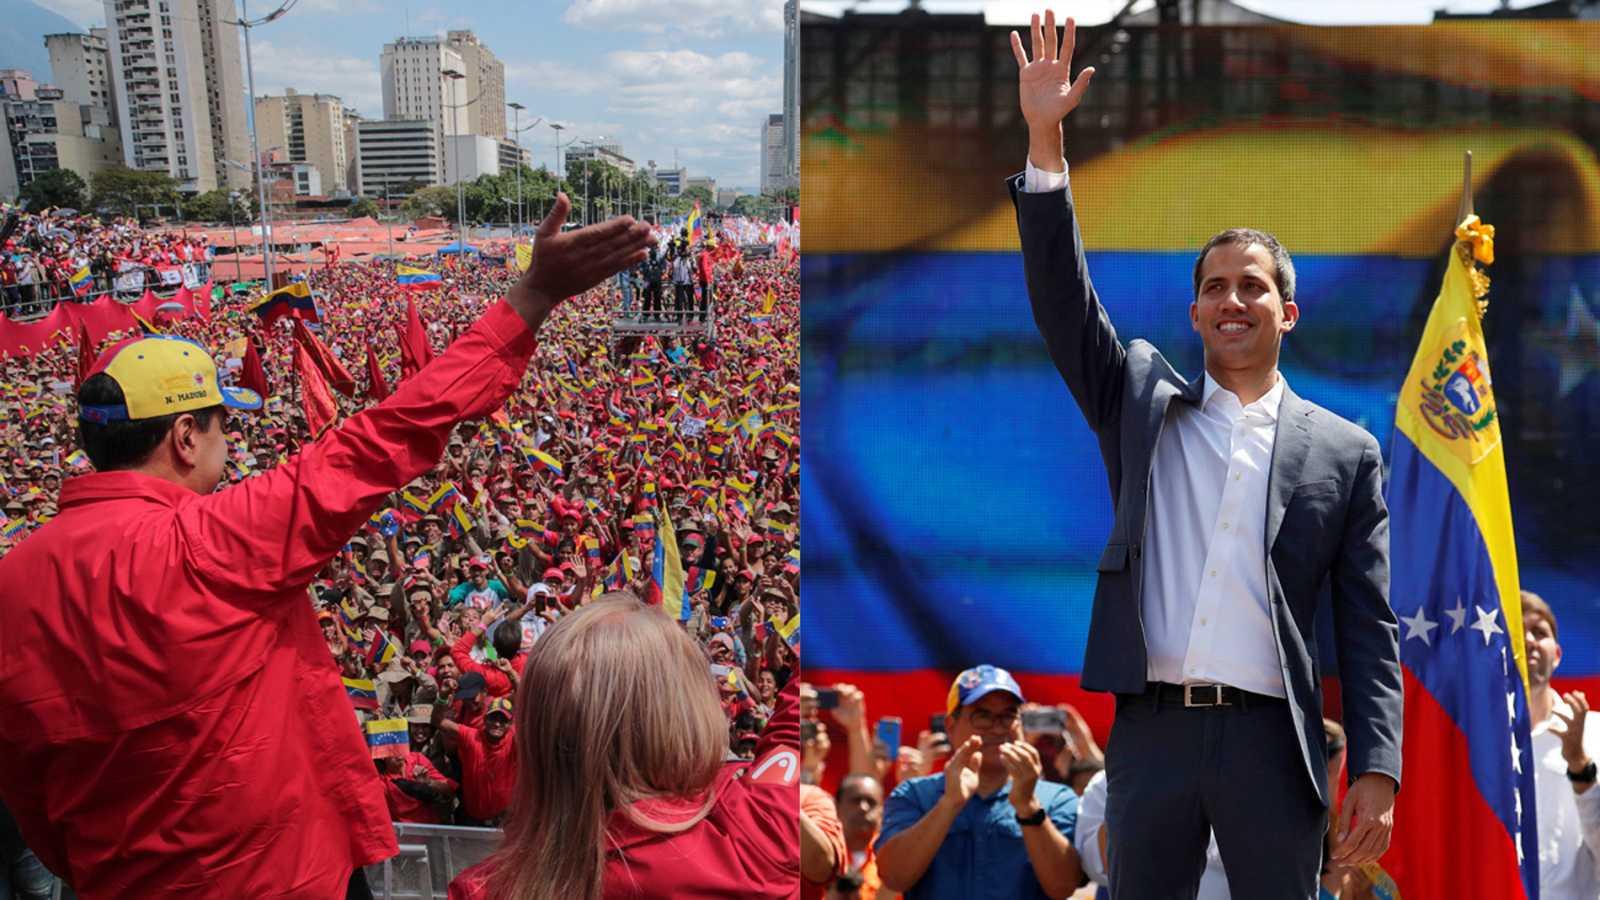 El pulso entre Maduro y Guaidó se vive en las calles de Caracas - Ver ahora